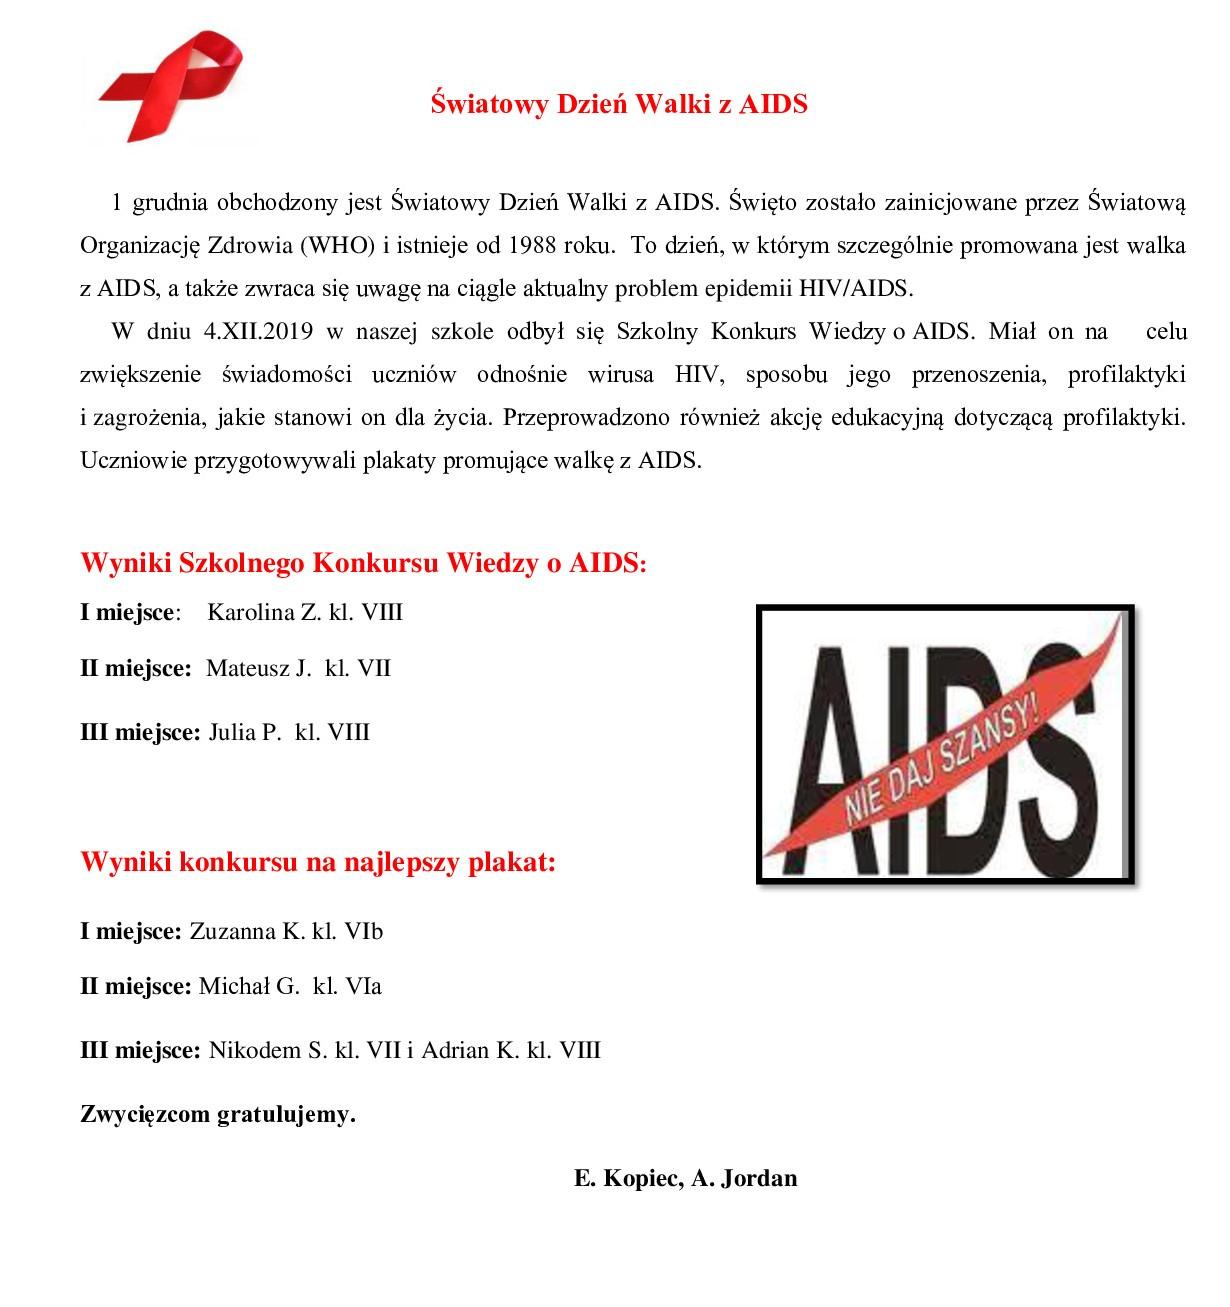 Wyniki-Szkolnego-Konkursu-Wiedzy-o-AIDS-jpg